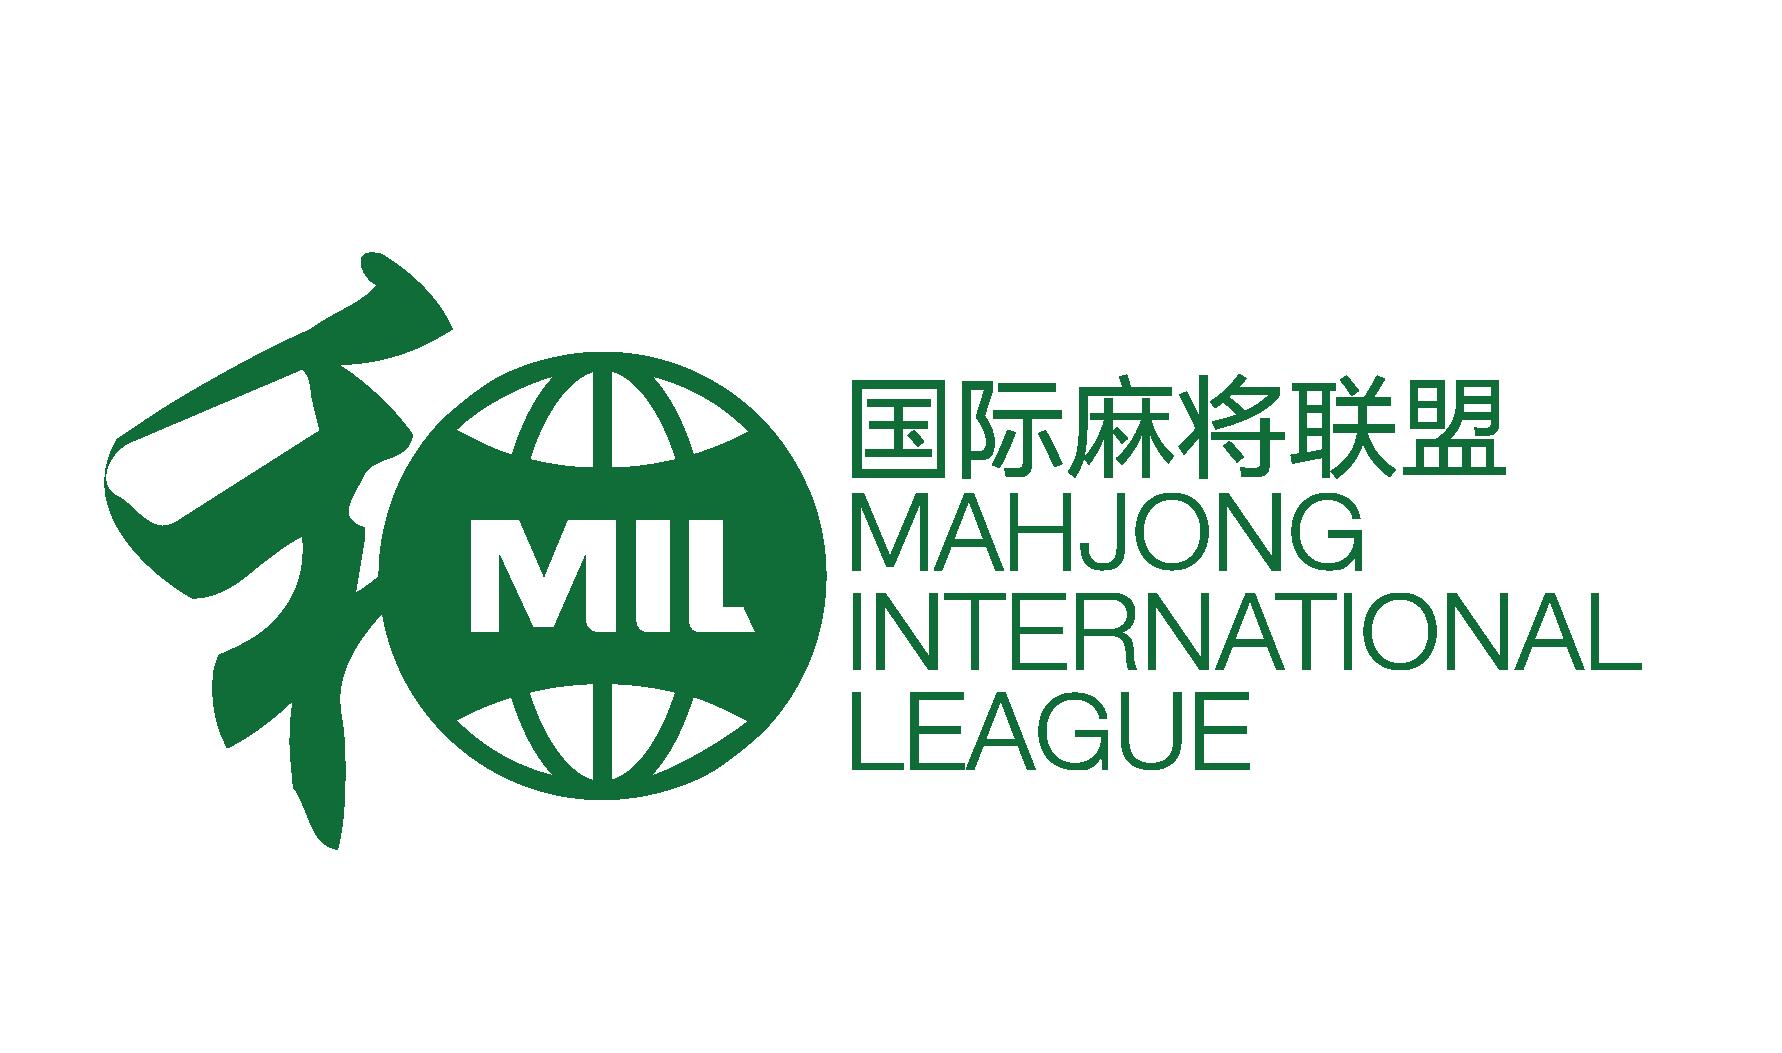 logo logo 标志 设计 矢量 矢量图 素材 图标 1782_1053